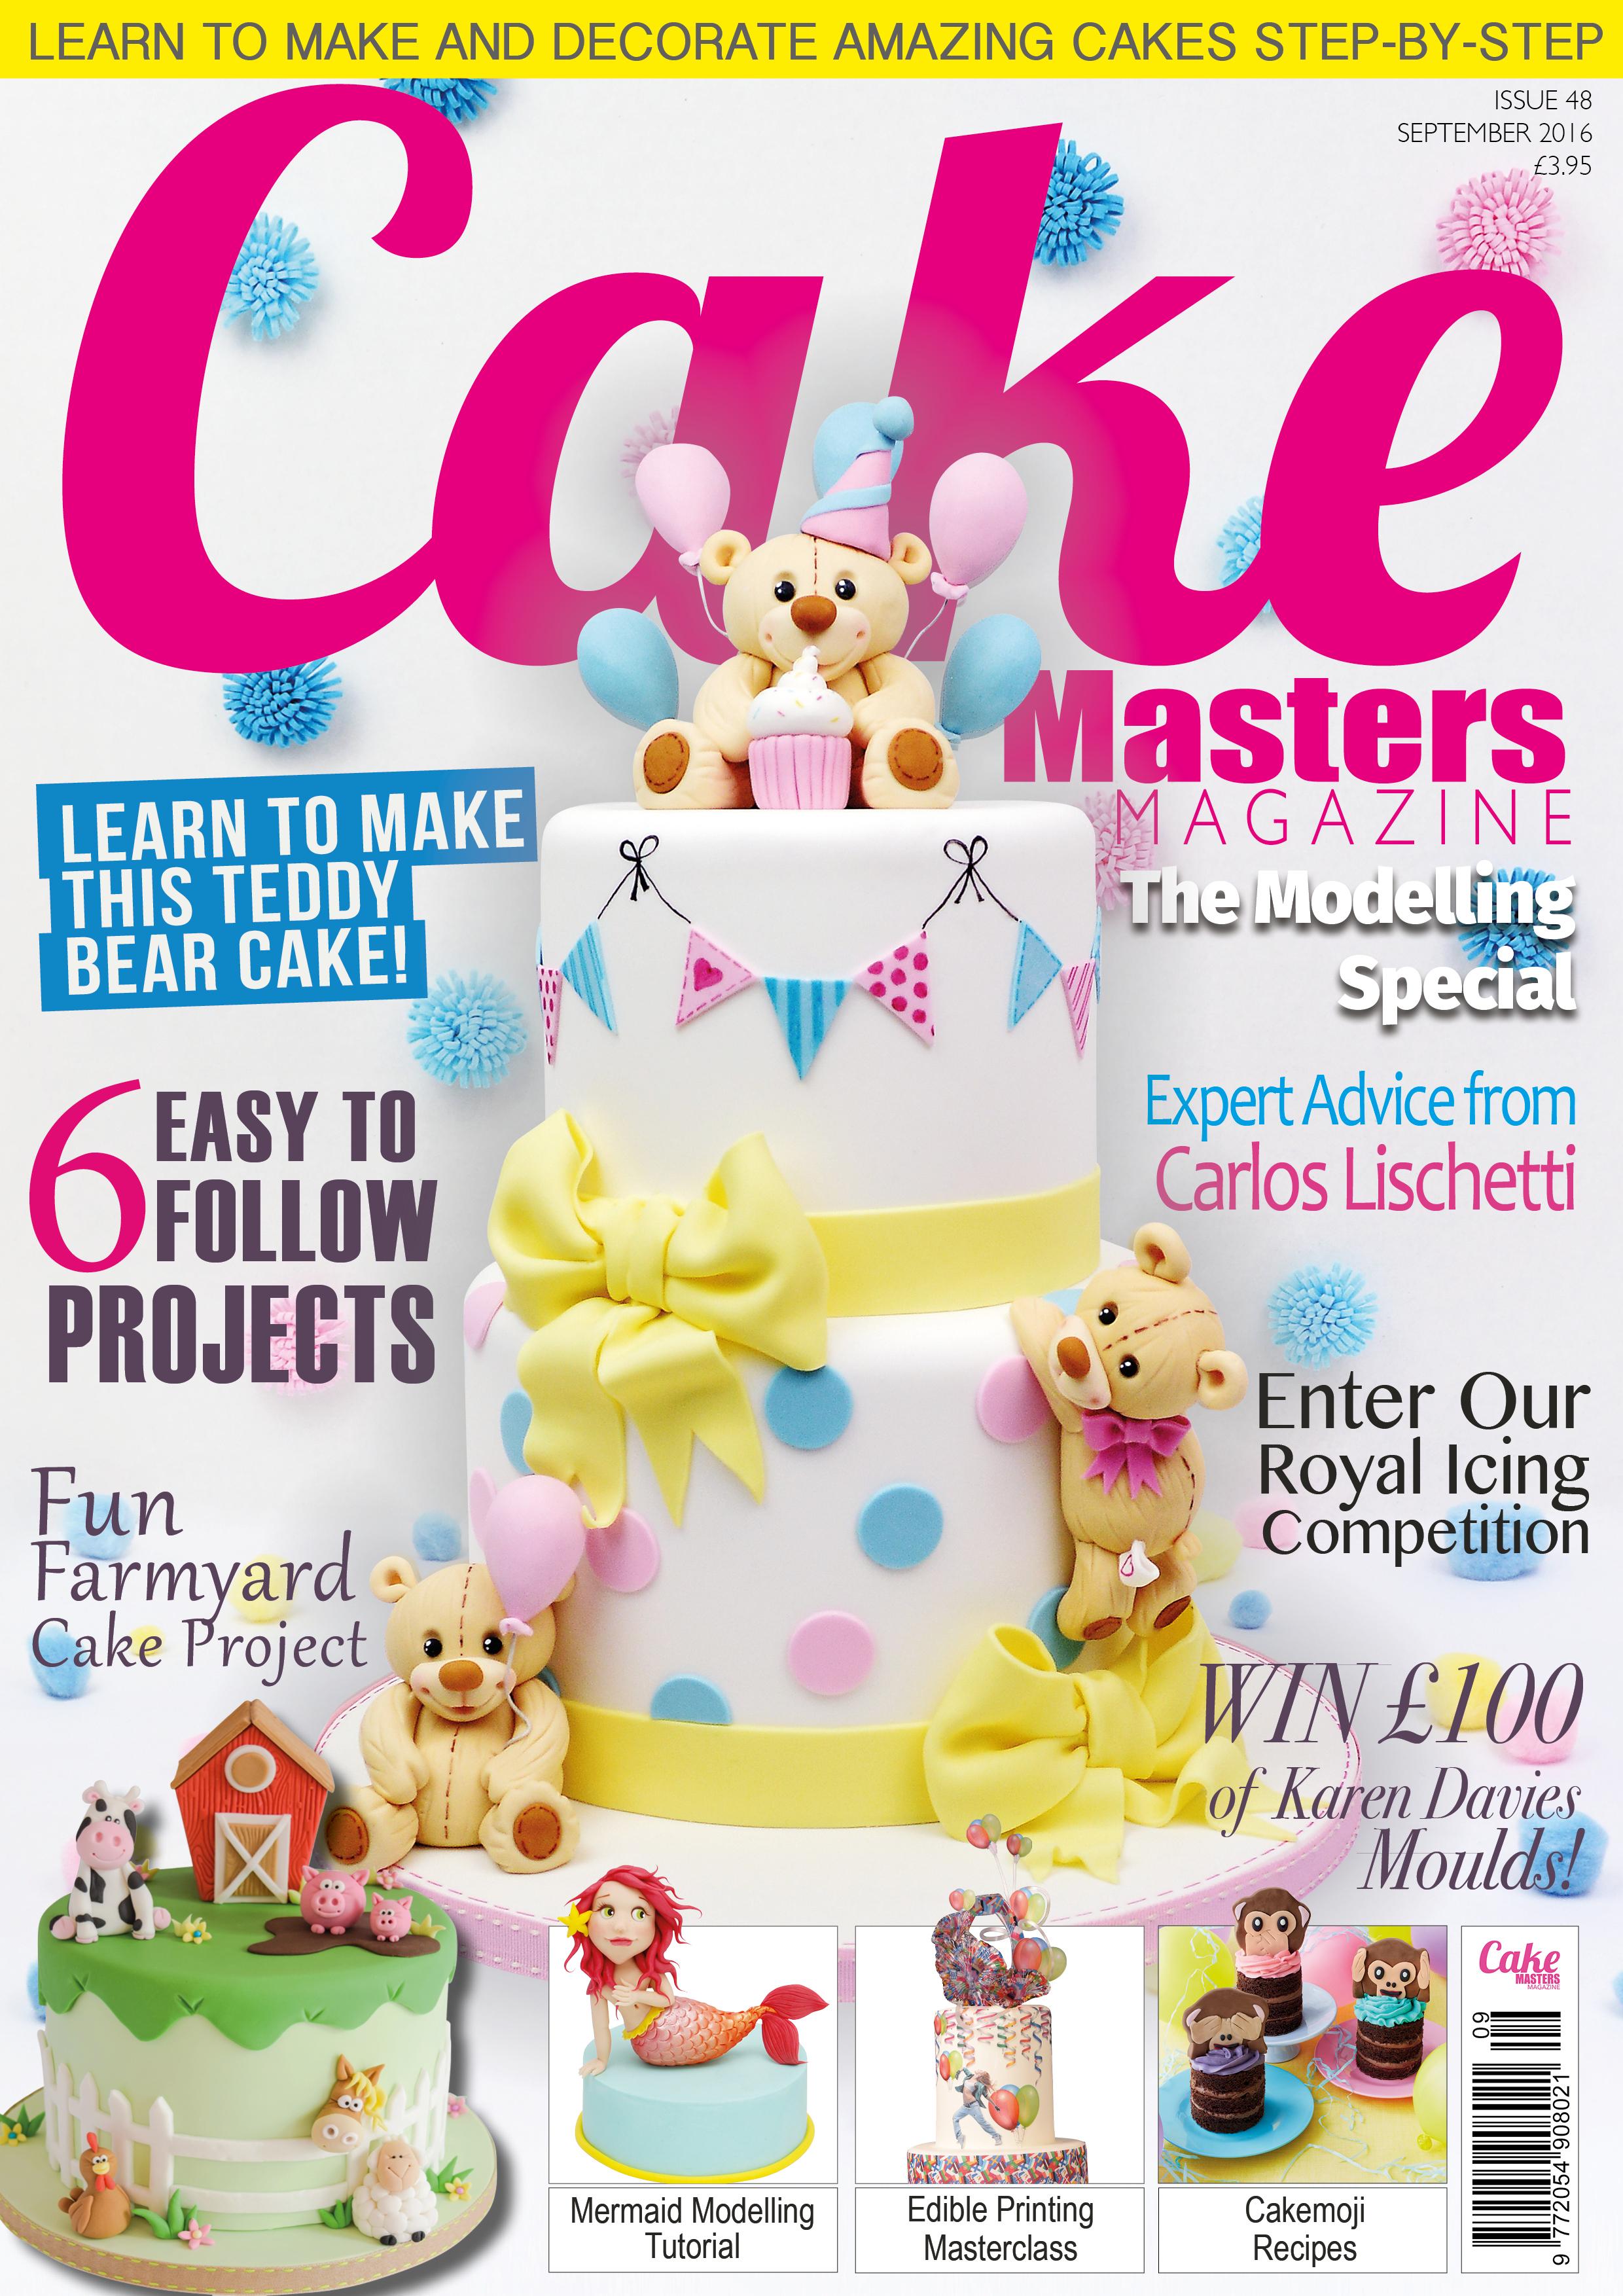 Cake Masters Magazine - Setpeber 2016